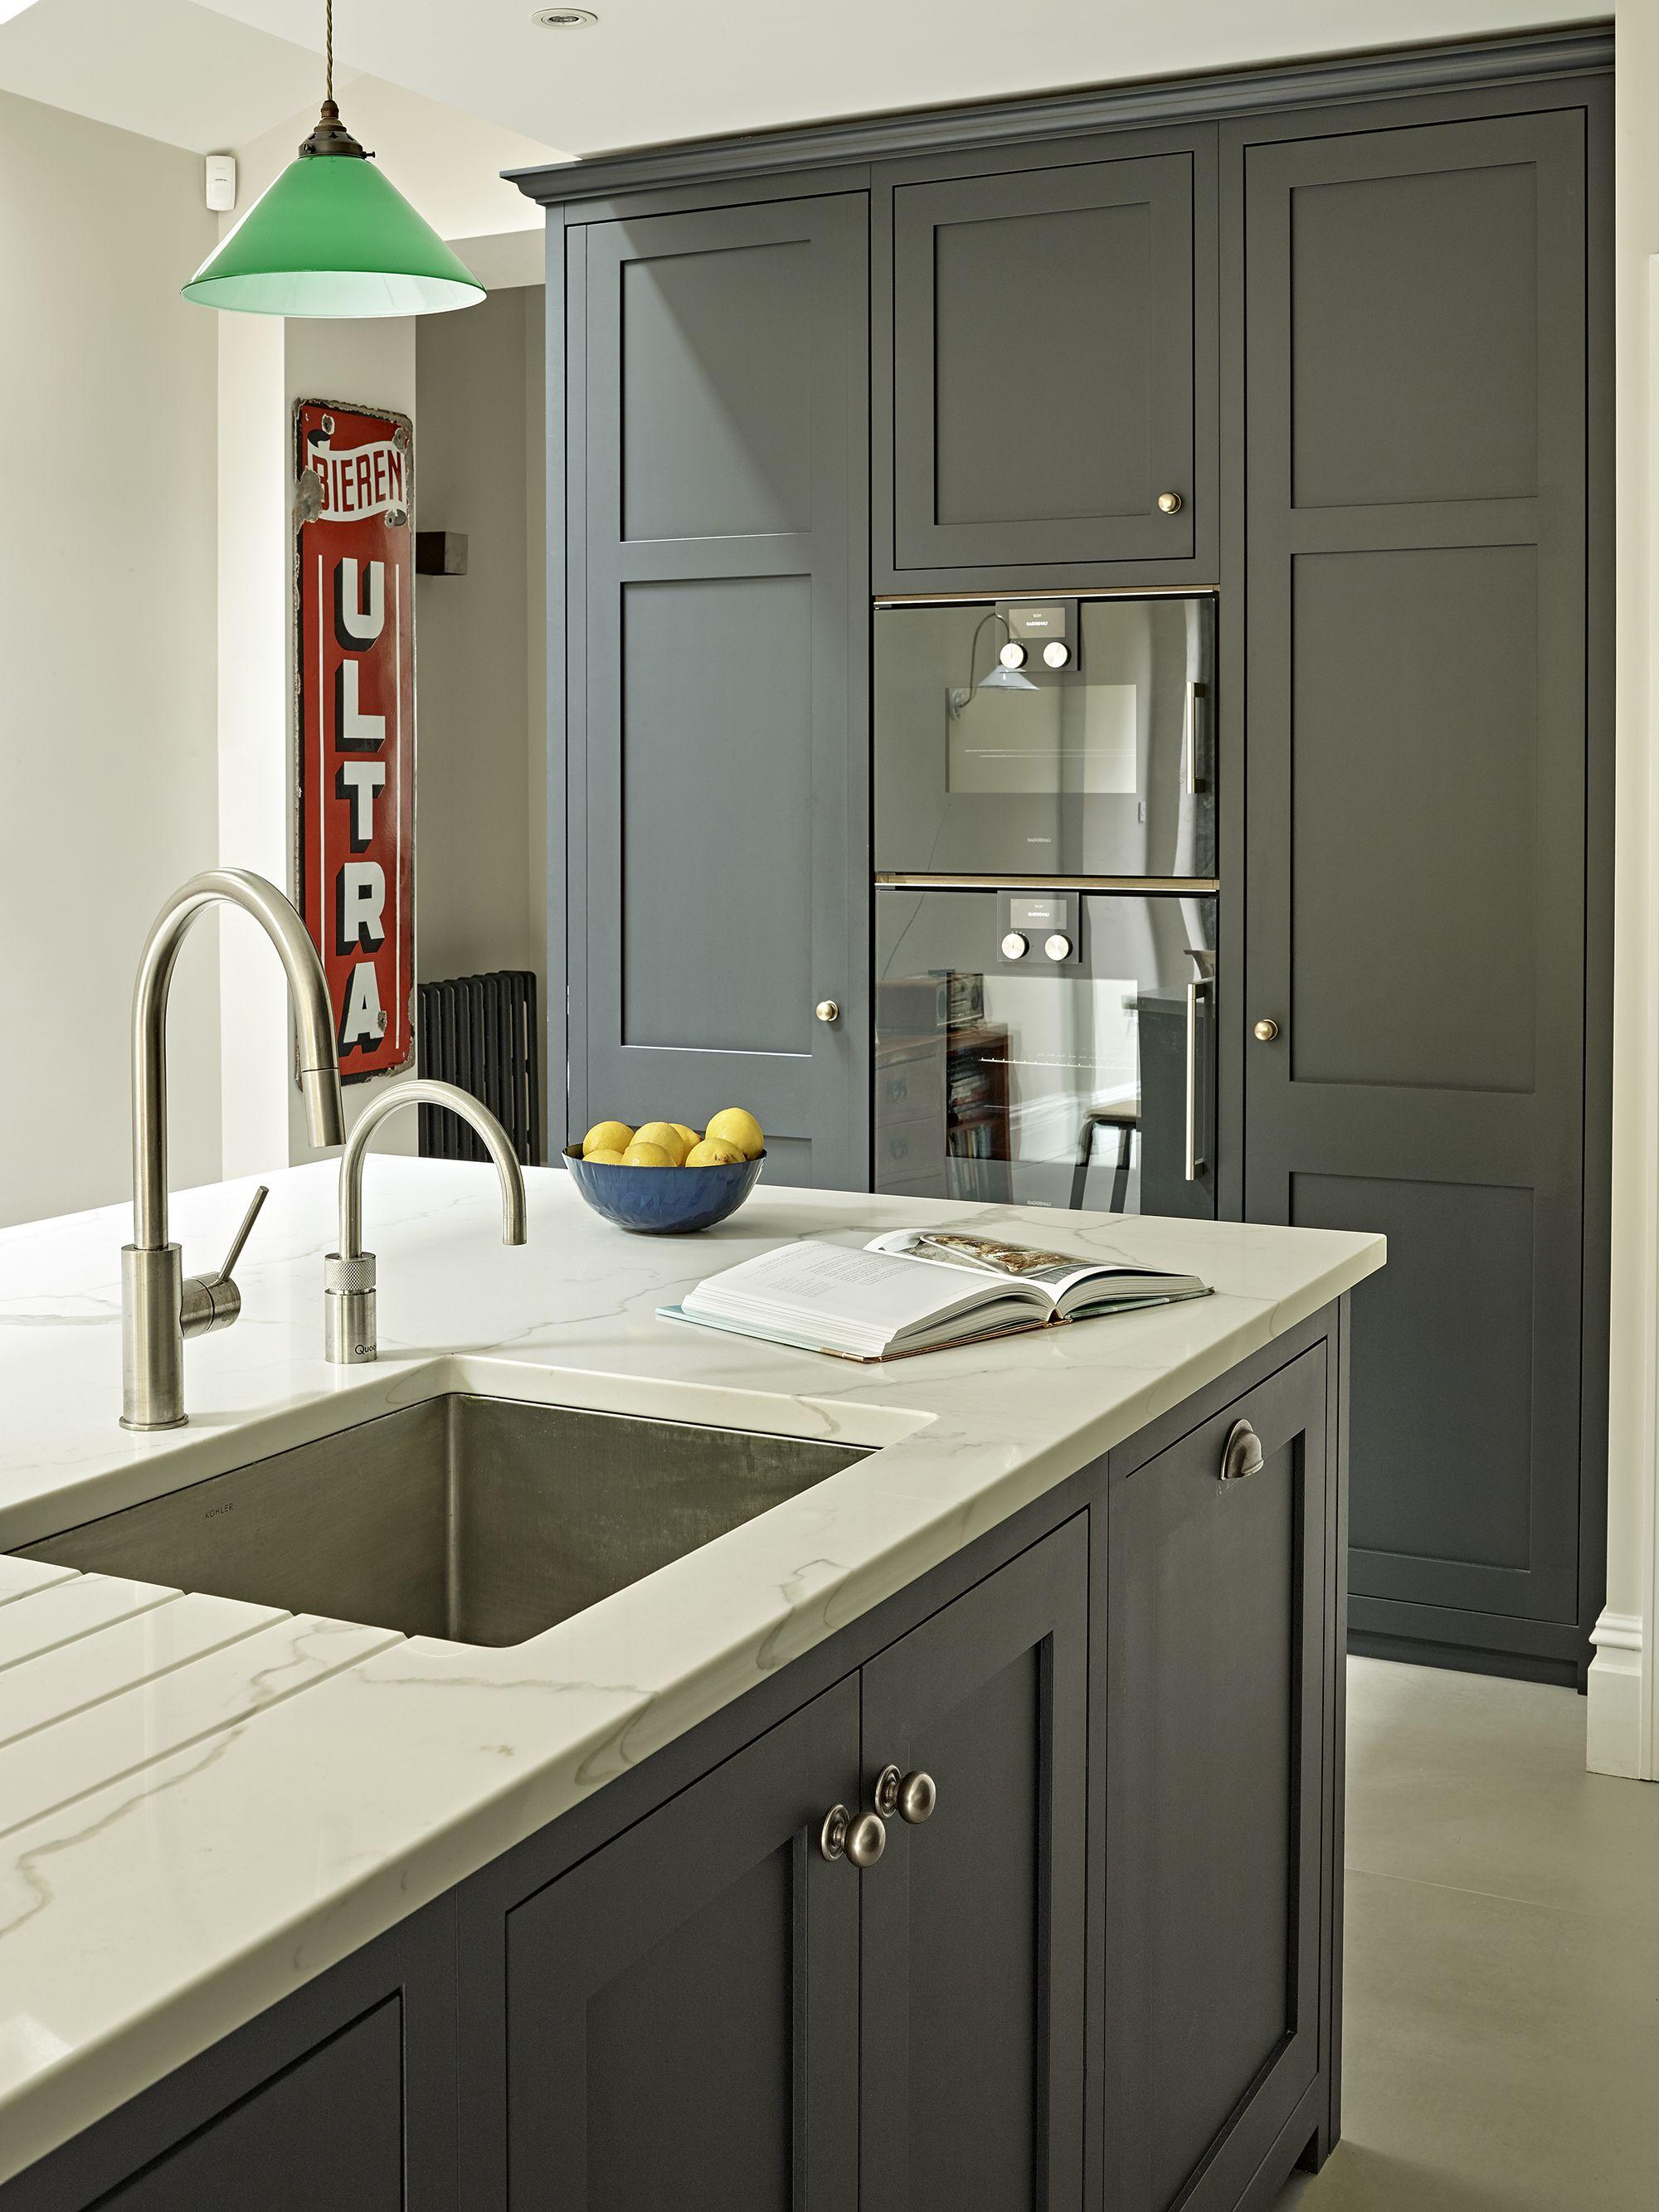 shaker kitchen cabinets 60 inch sink base cabinet dark free download wiring diagram